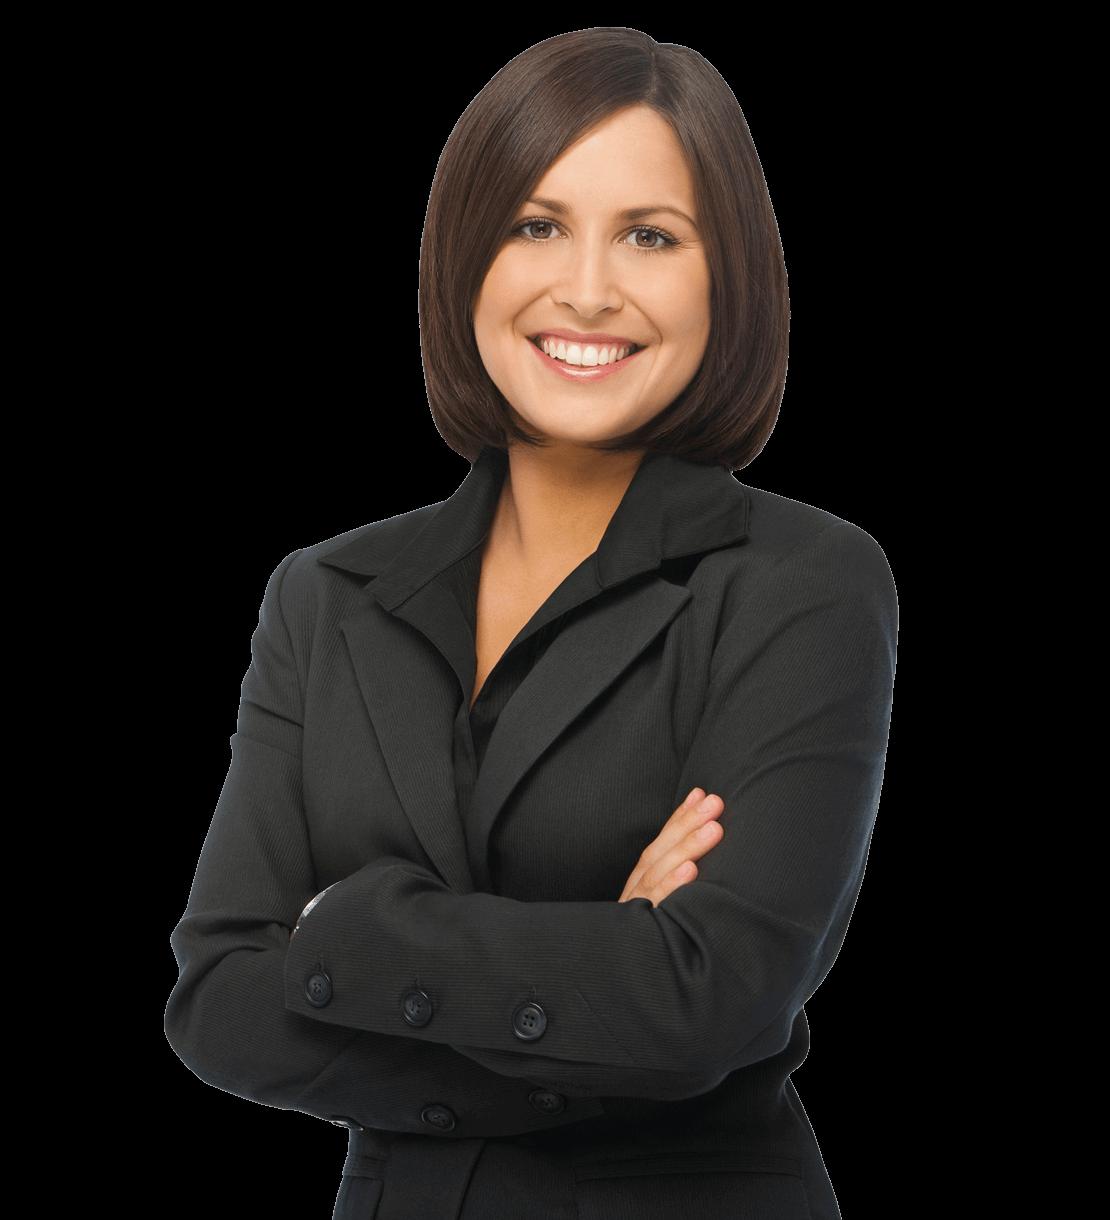 Karen G. Carrasquillo, OD, PhD, FAAO, FSLS